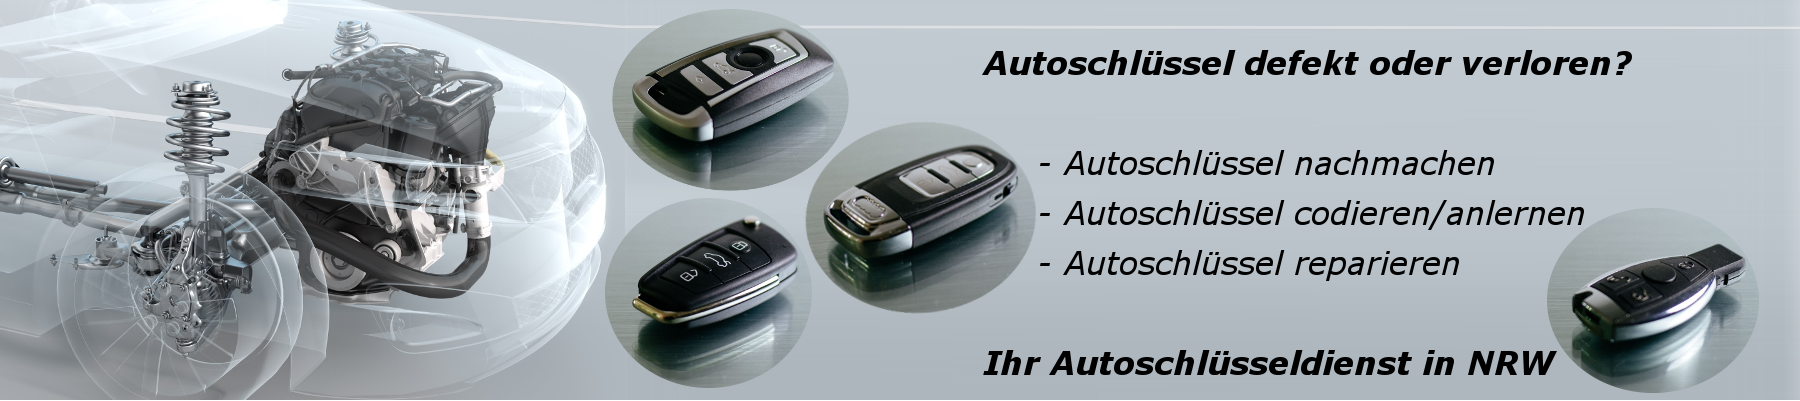 Slidergrafik: Autoschlüssel nachmachen.